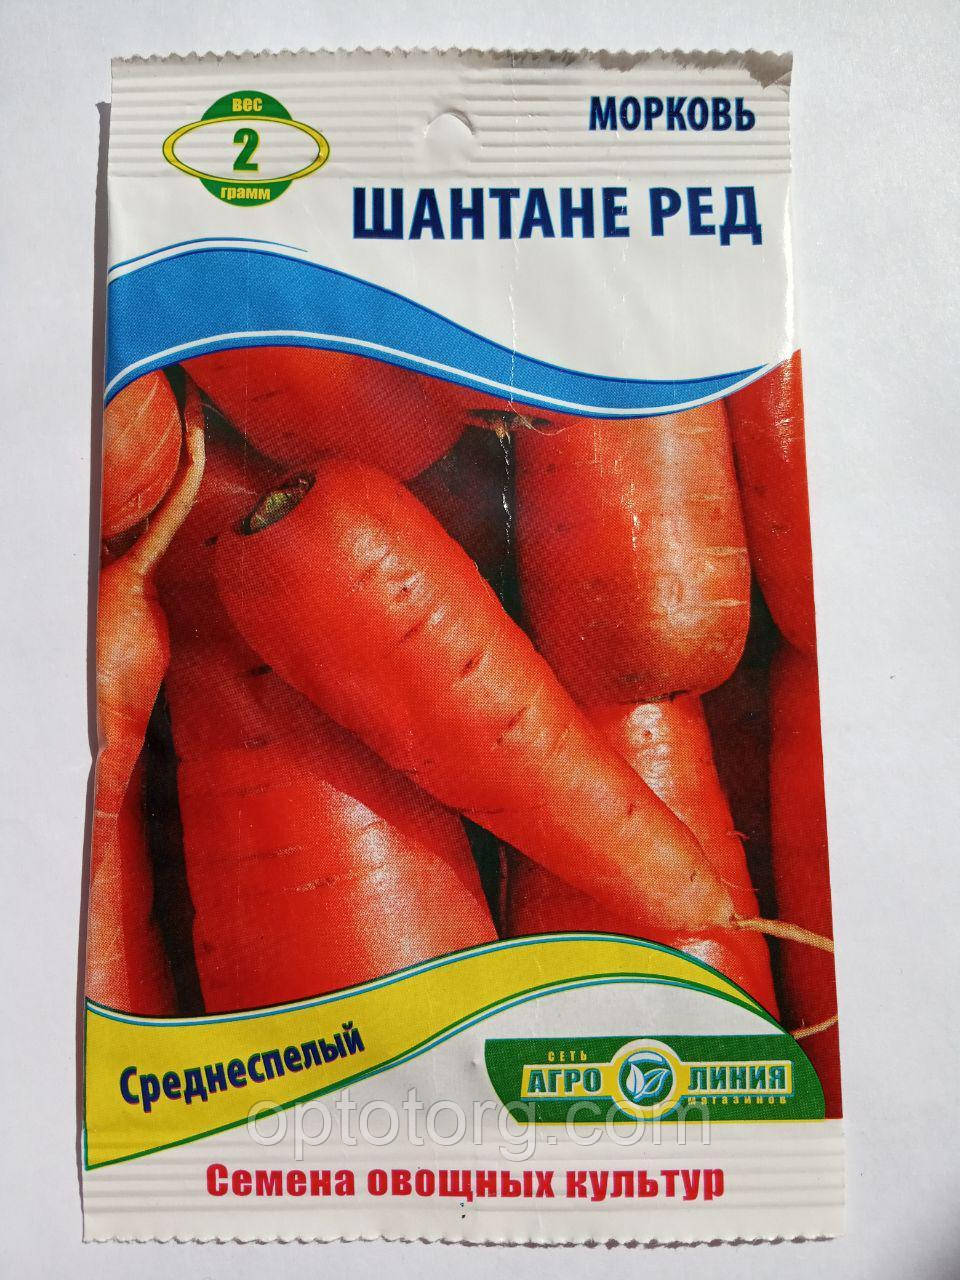 Семена моркови  Шантане ред 2 гр